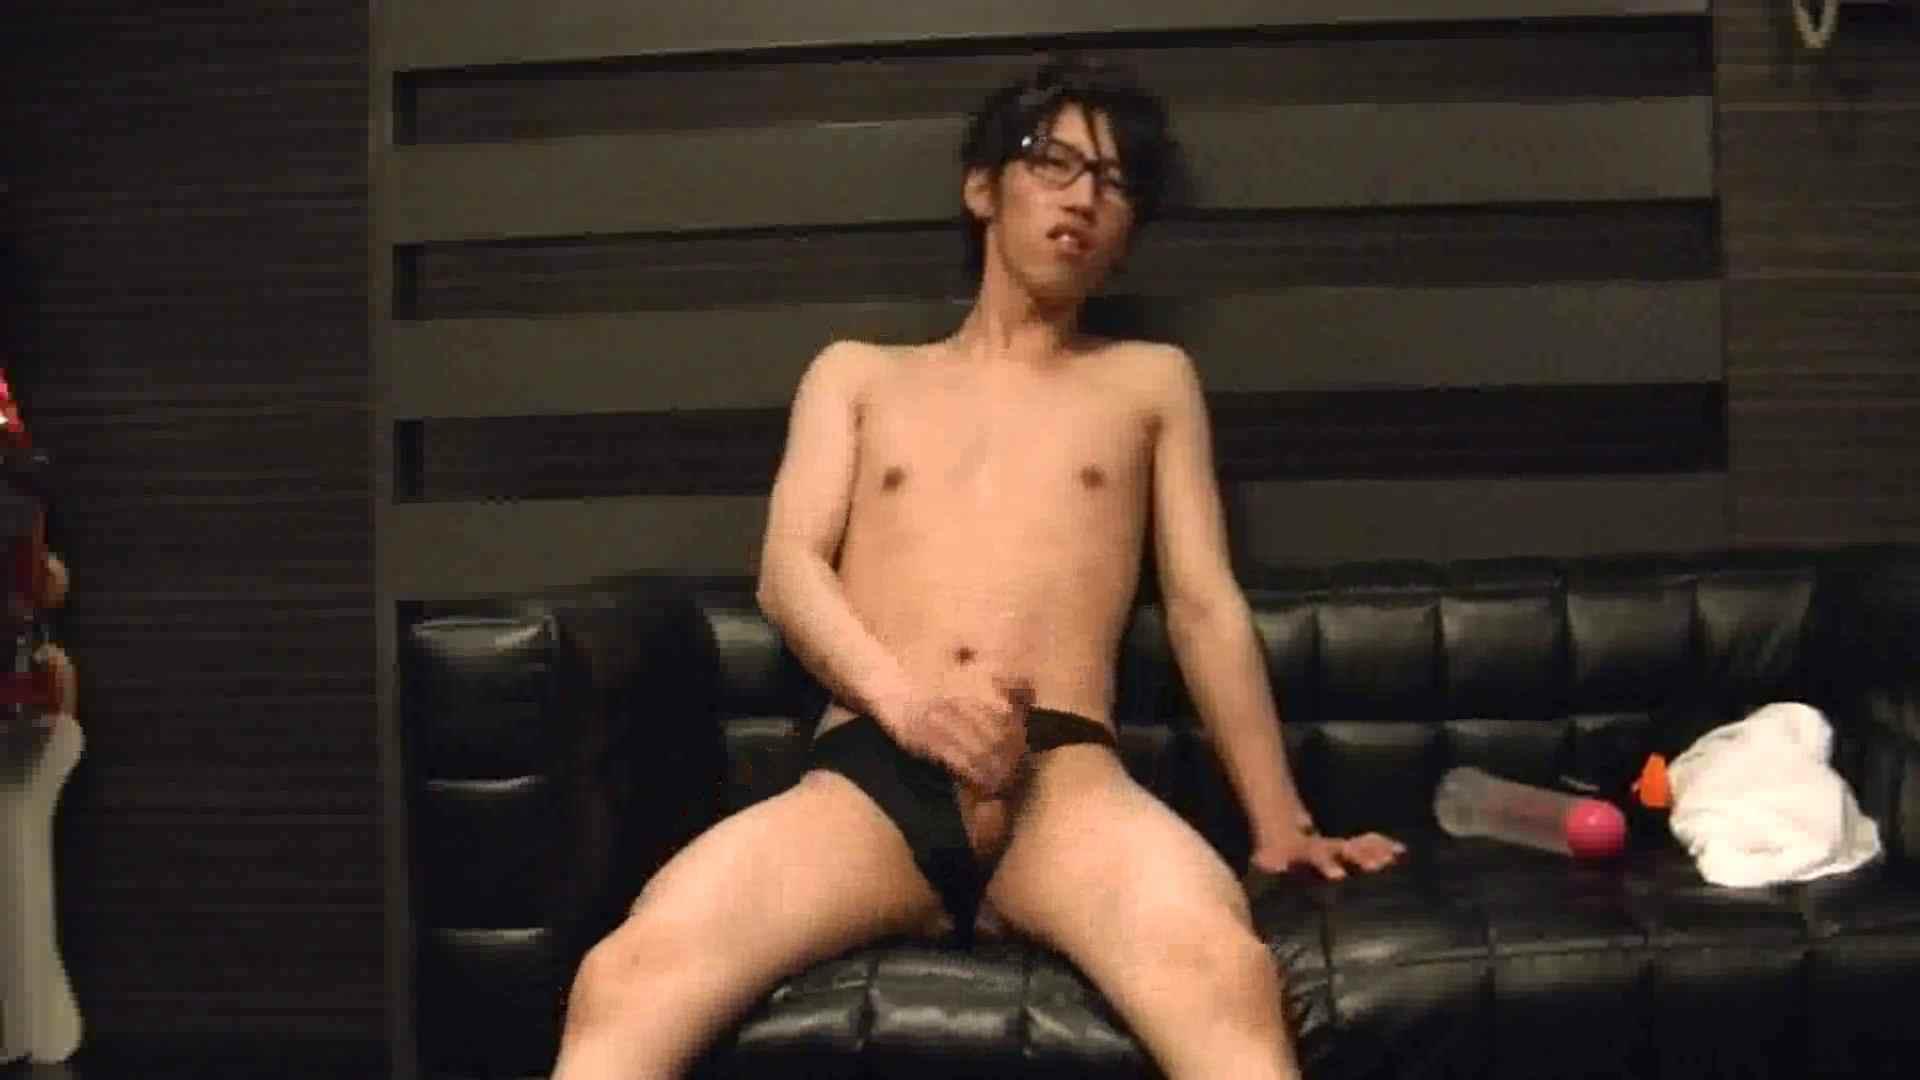 ONA見せカーニバル!! Vol3 男の世界  98画像 86